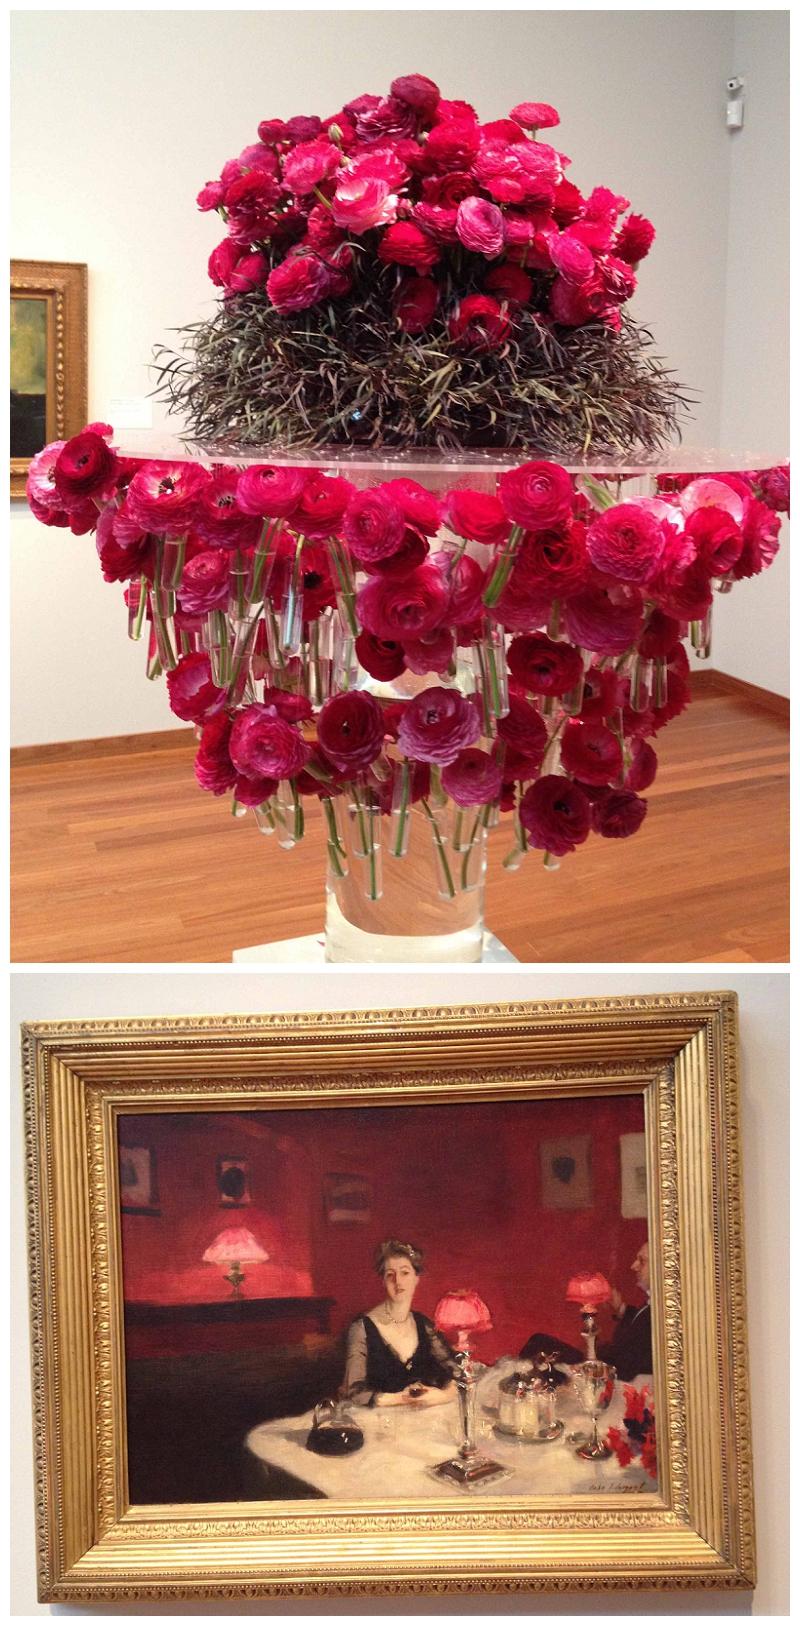 Flower Designer and Art Piece: Unknown